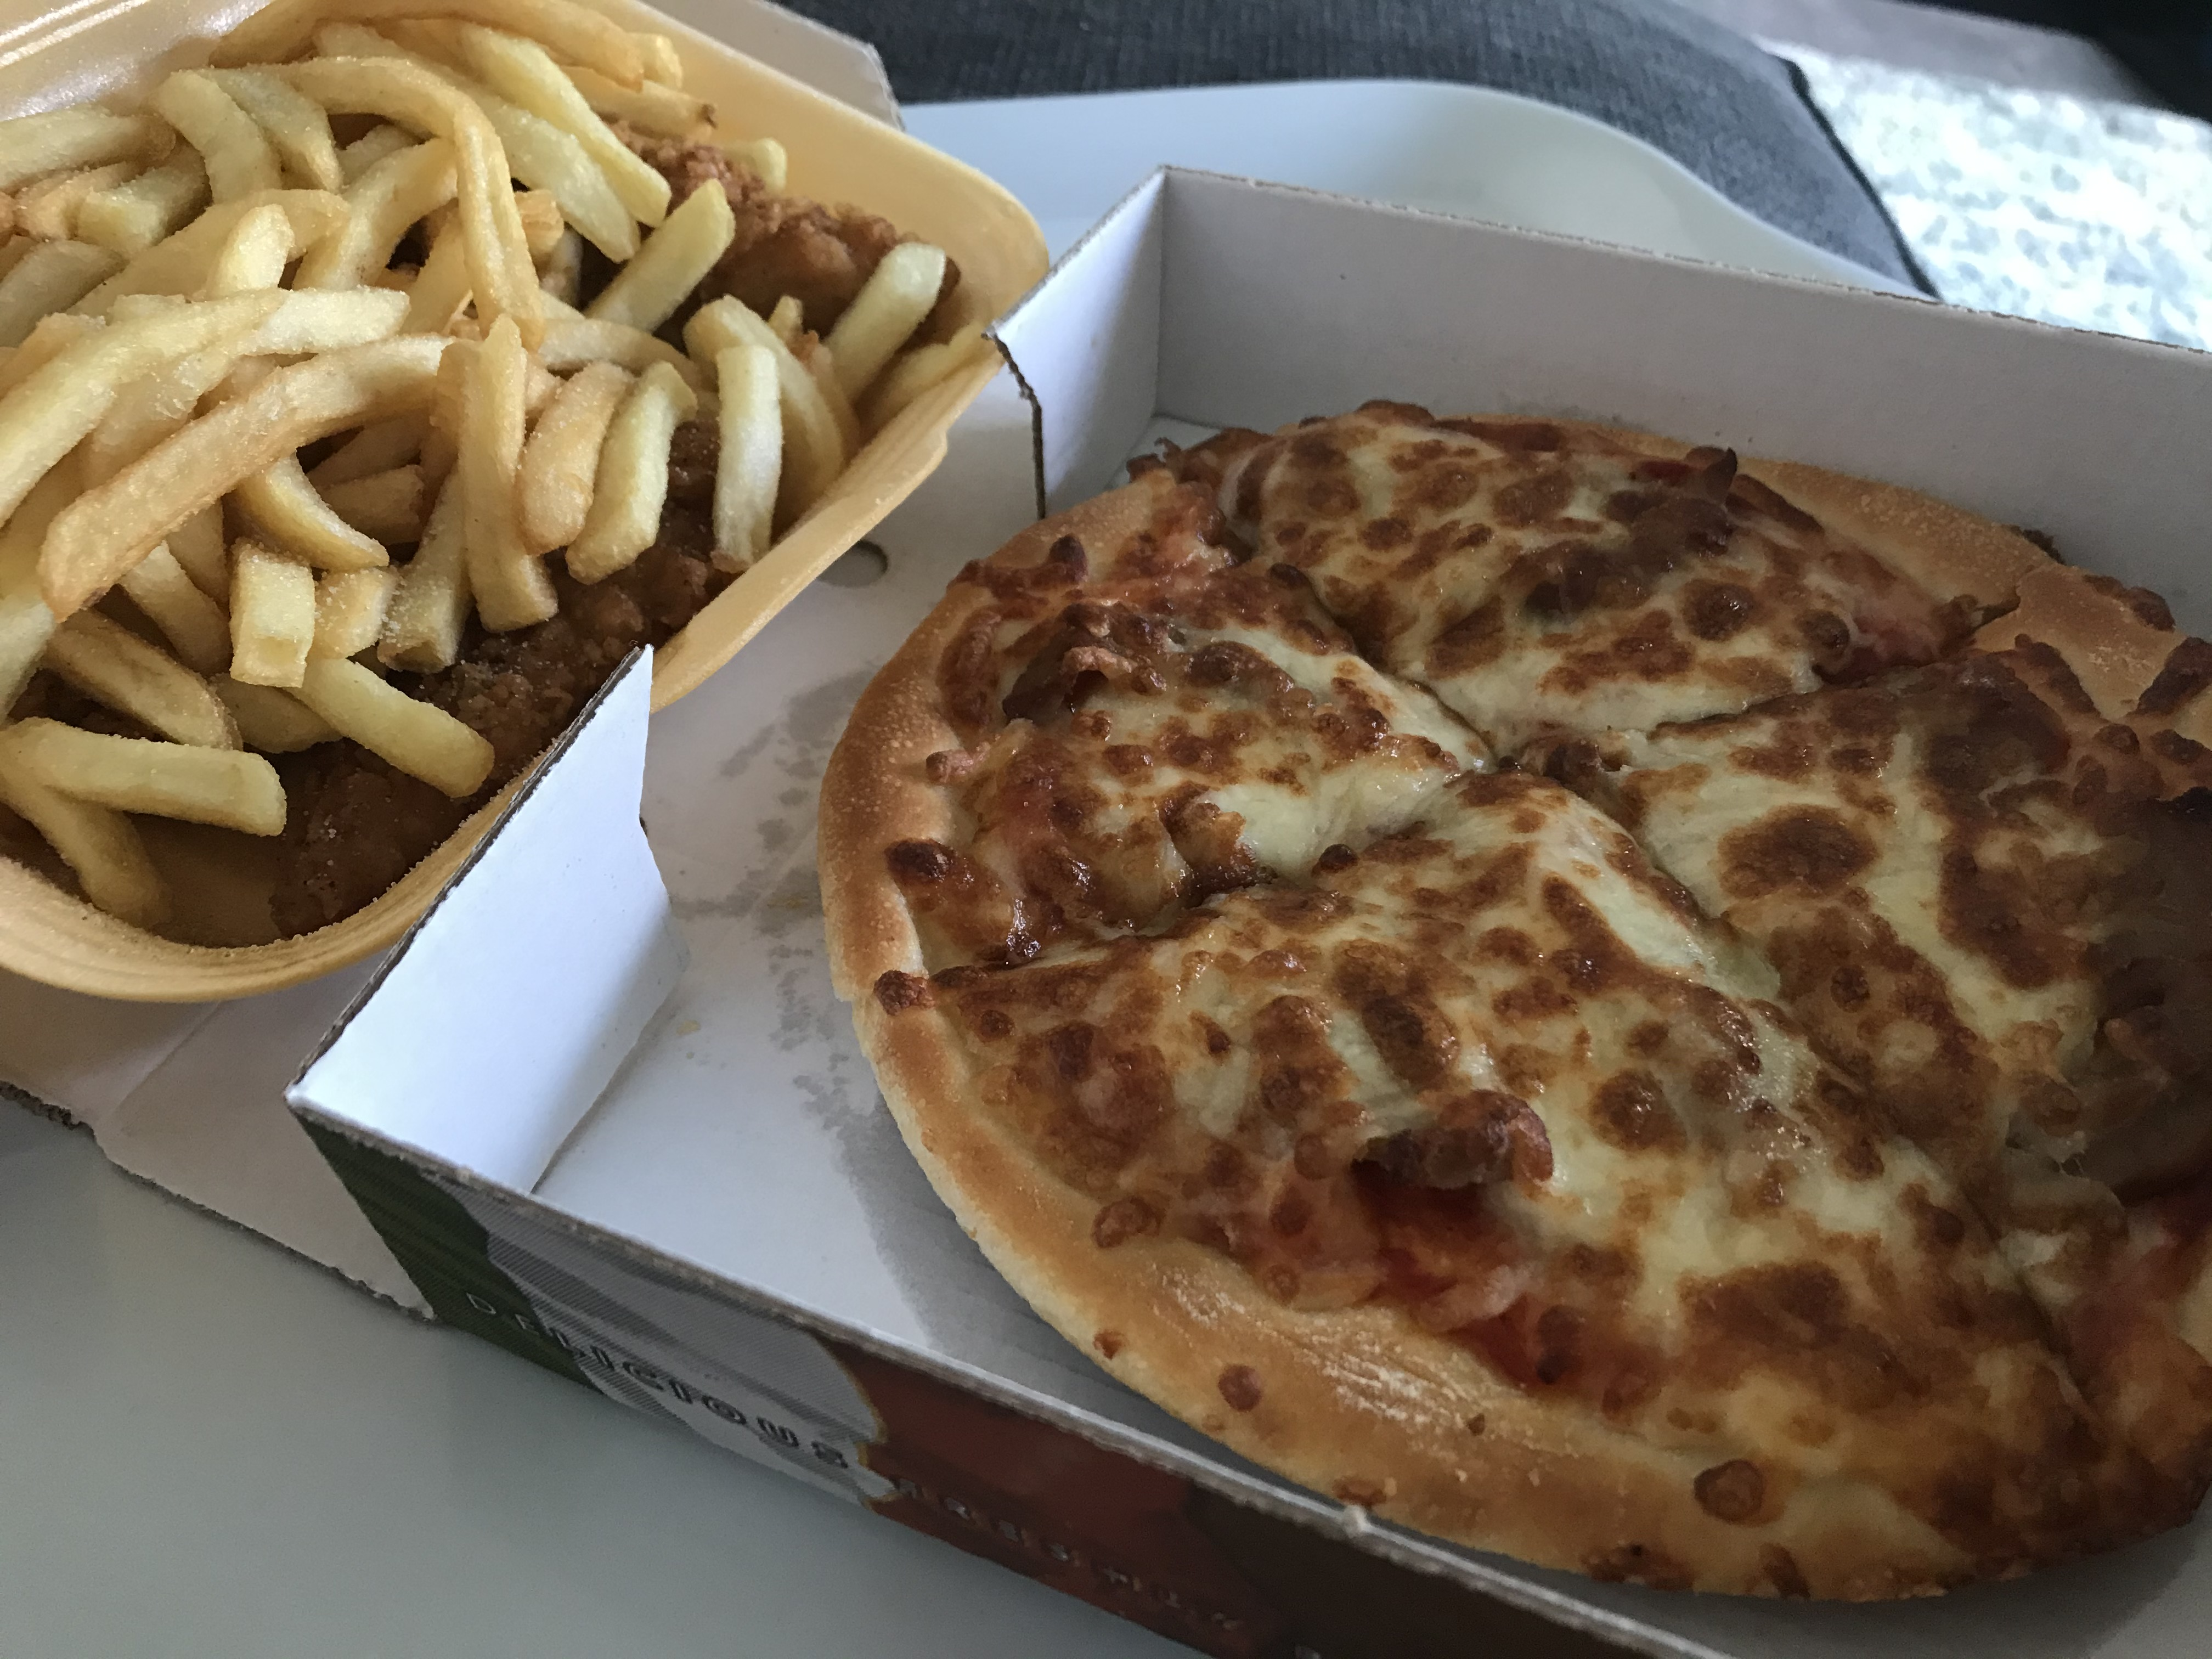 Tasty Meals Takeaway Sheffield